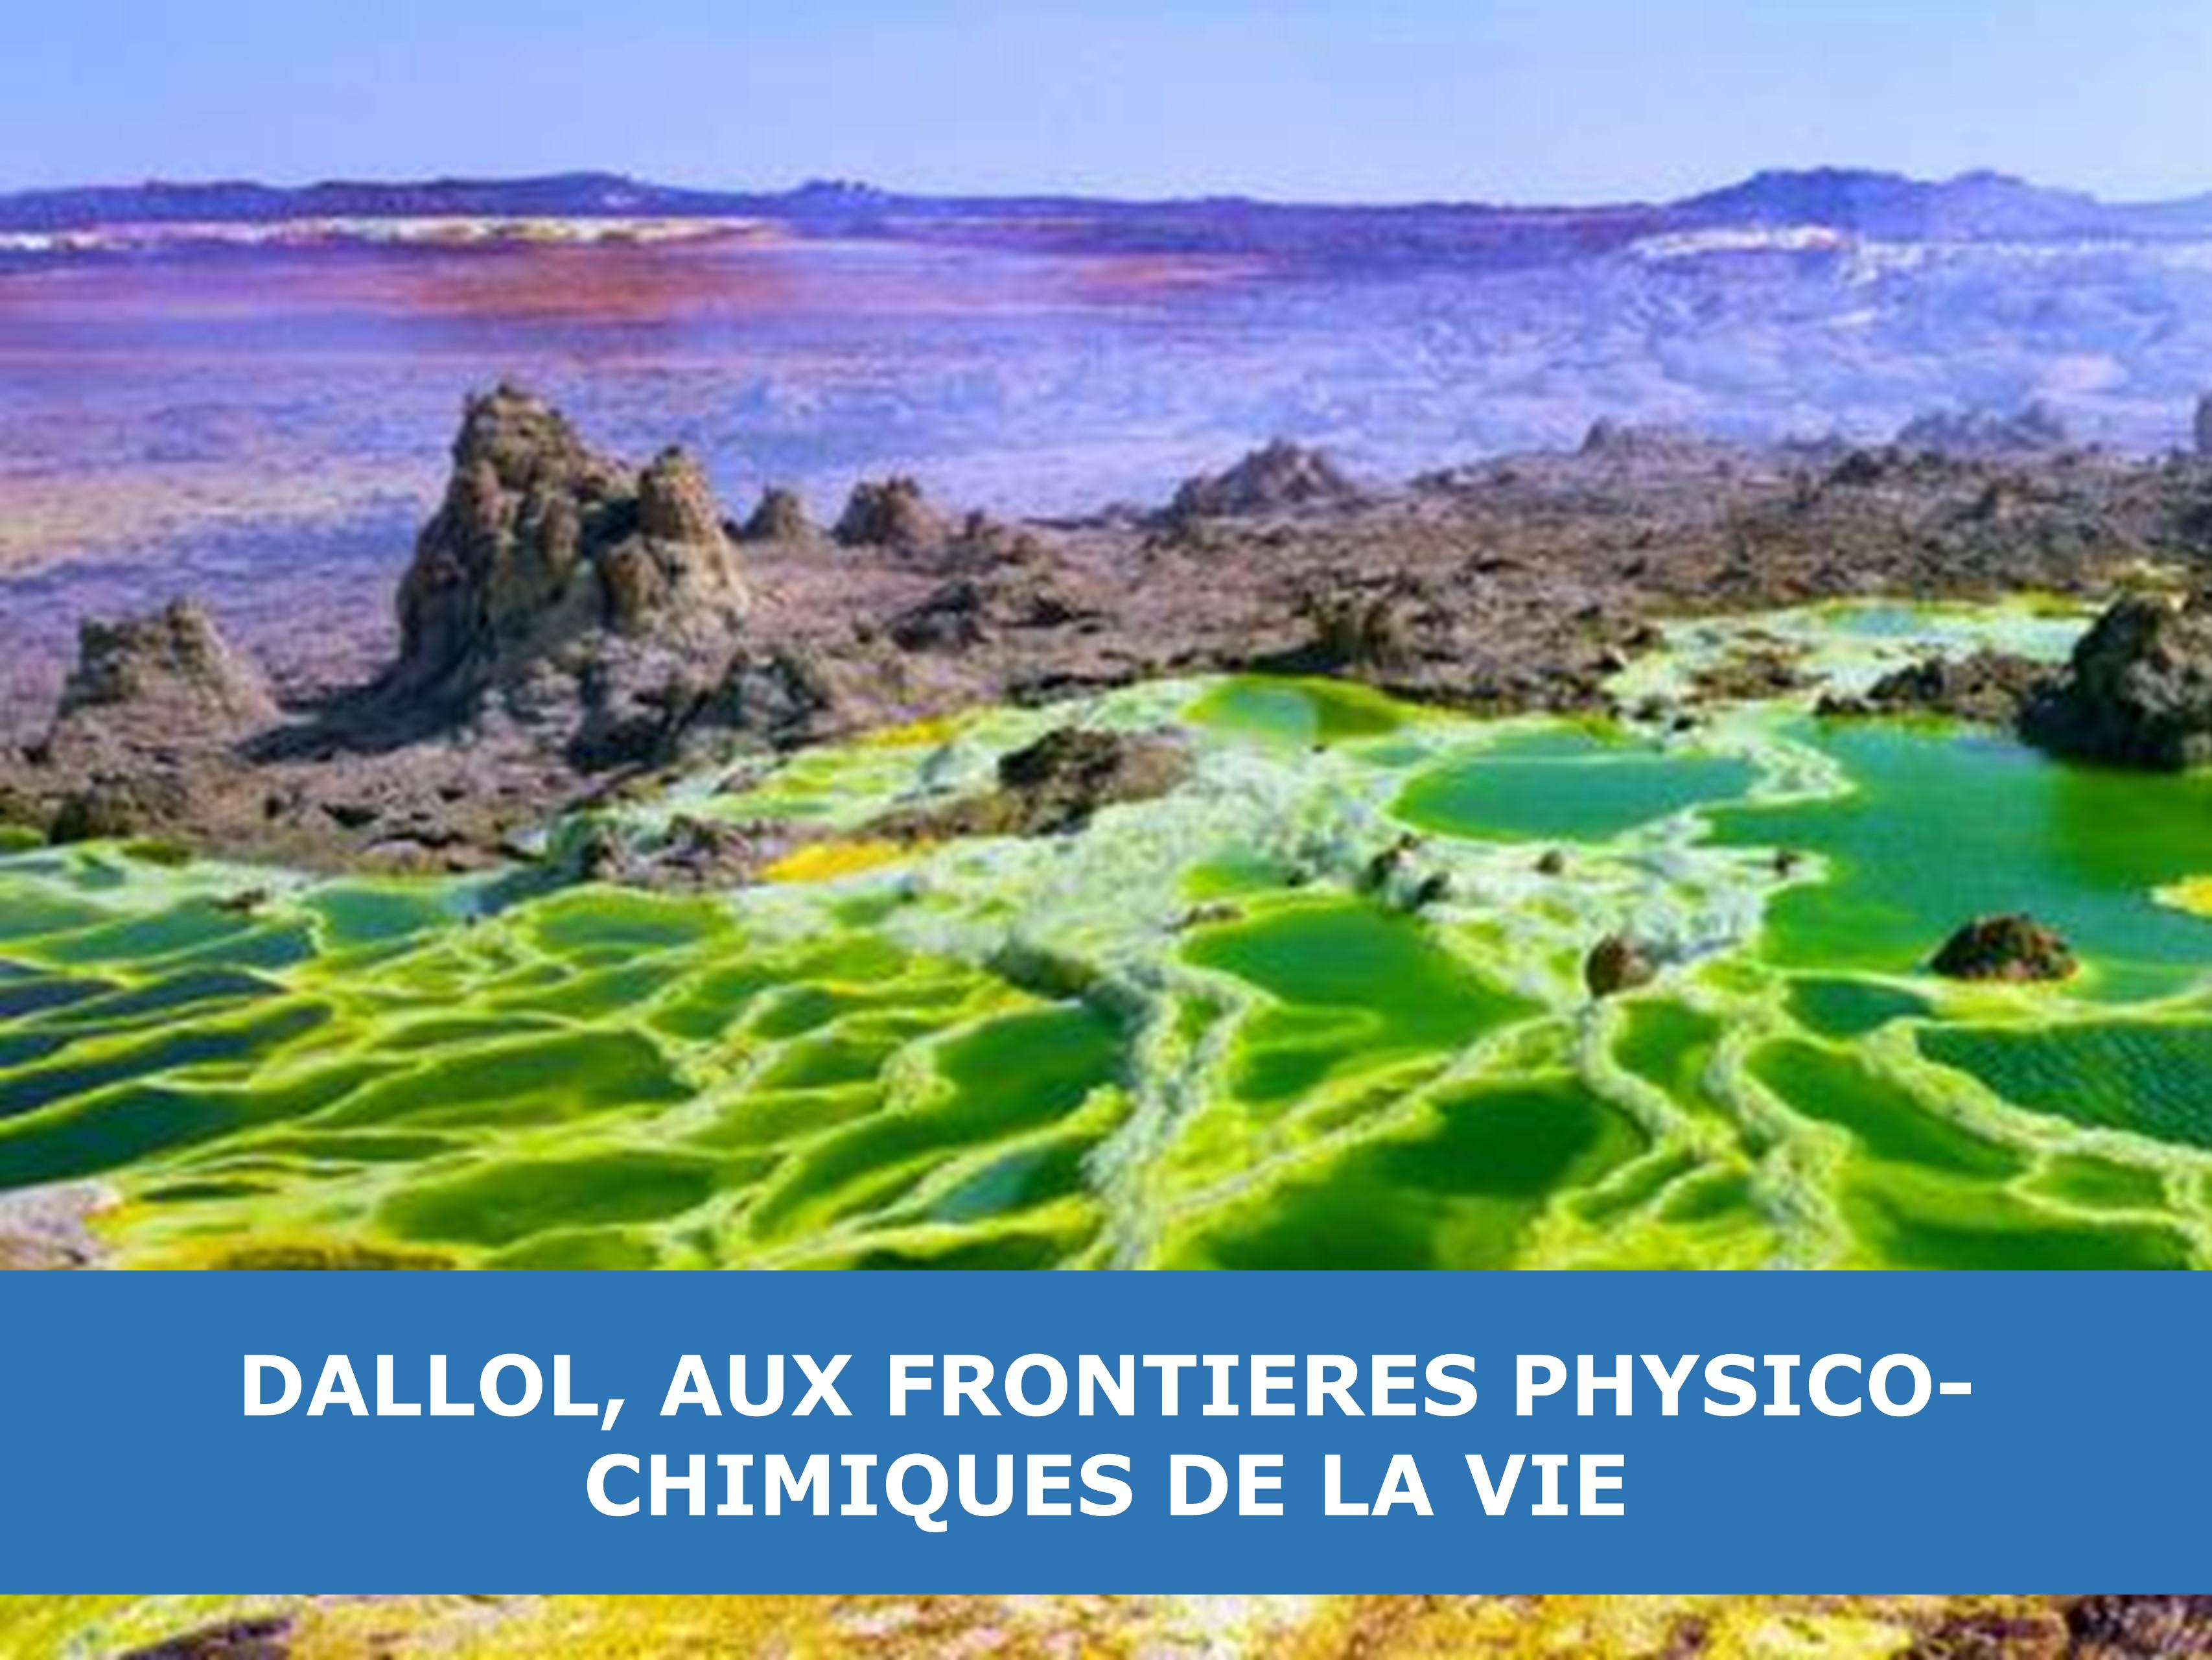 Dallol, aux frontières physico-chimiques de la vie